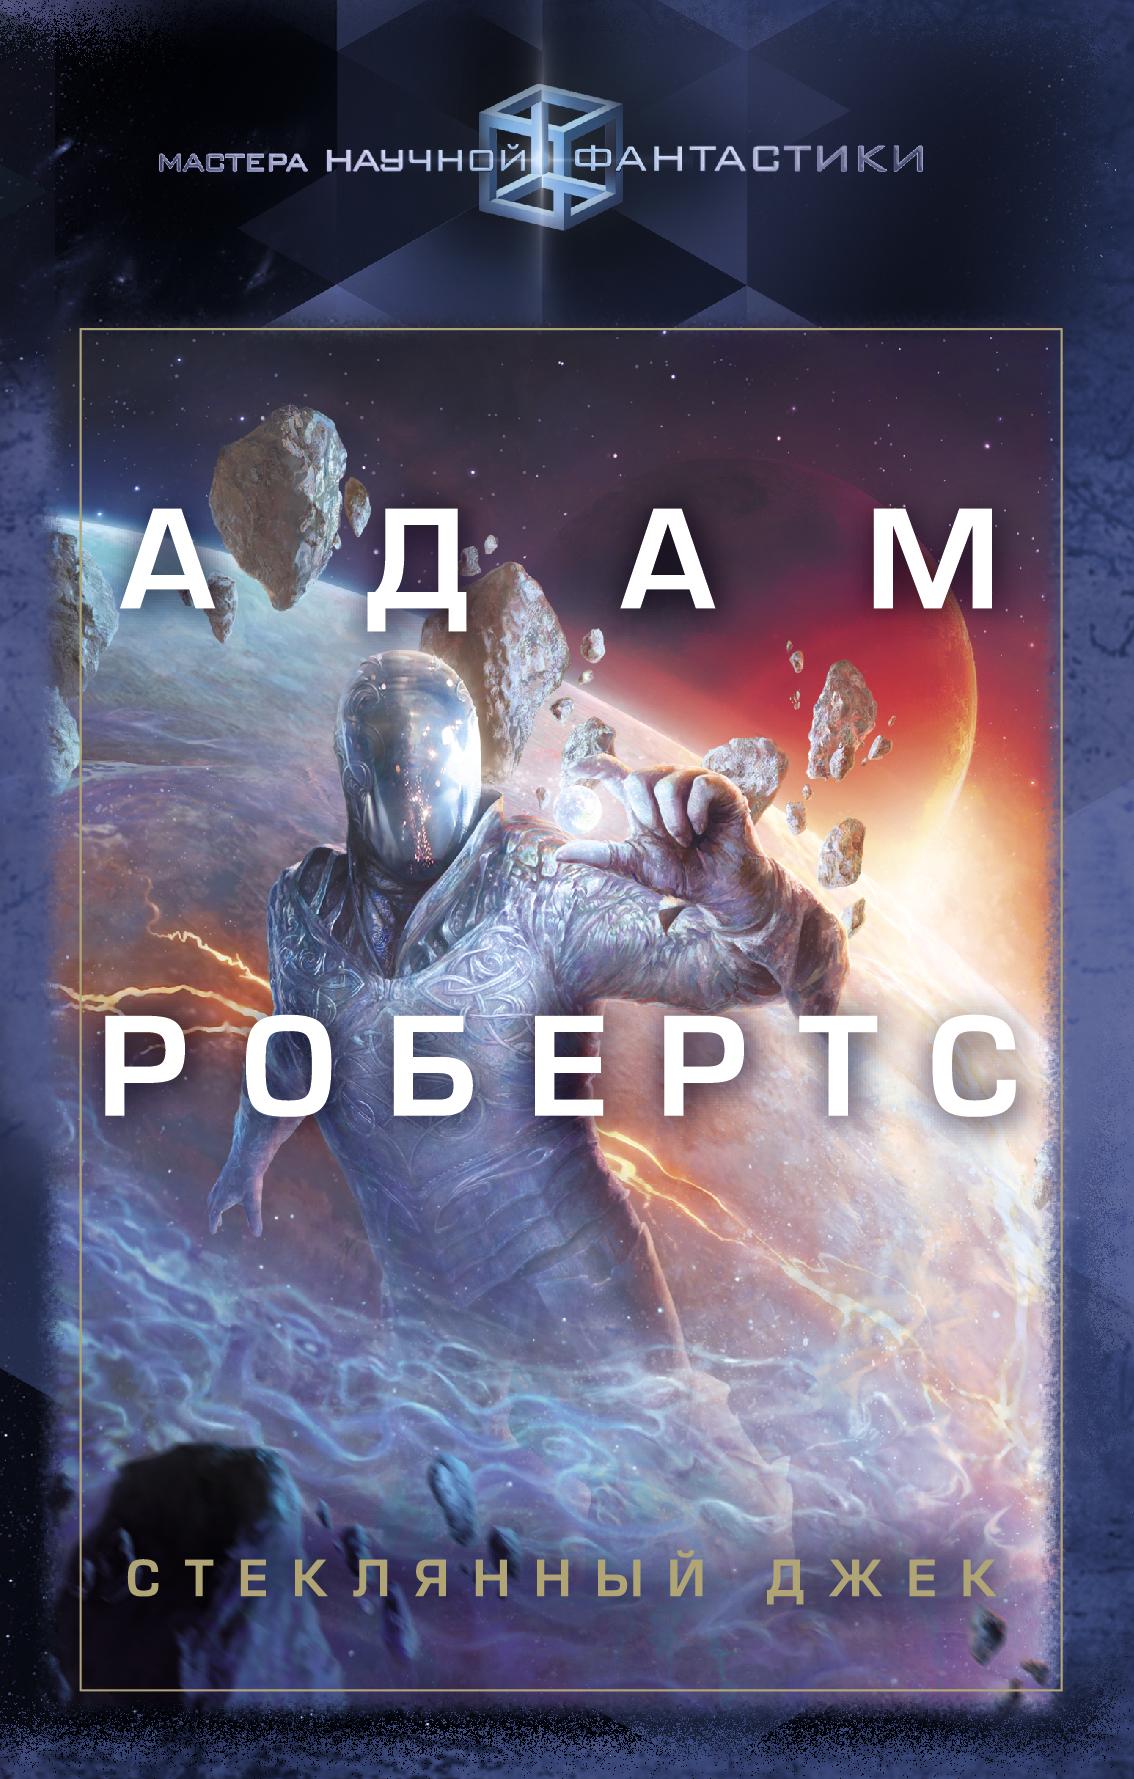 Робертс А. Стеклянный Джек